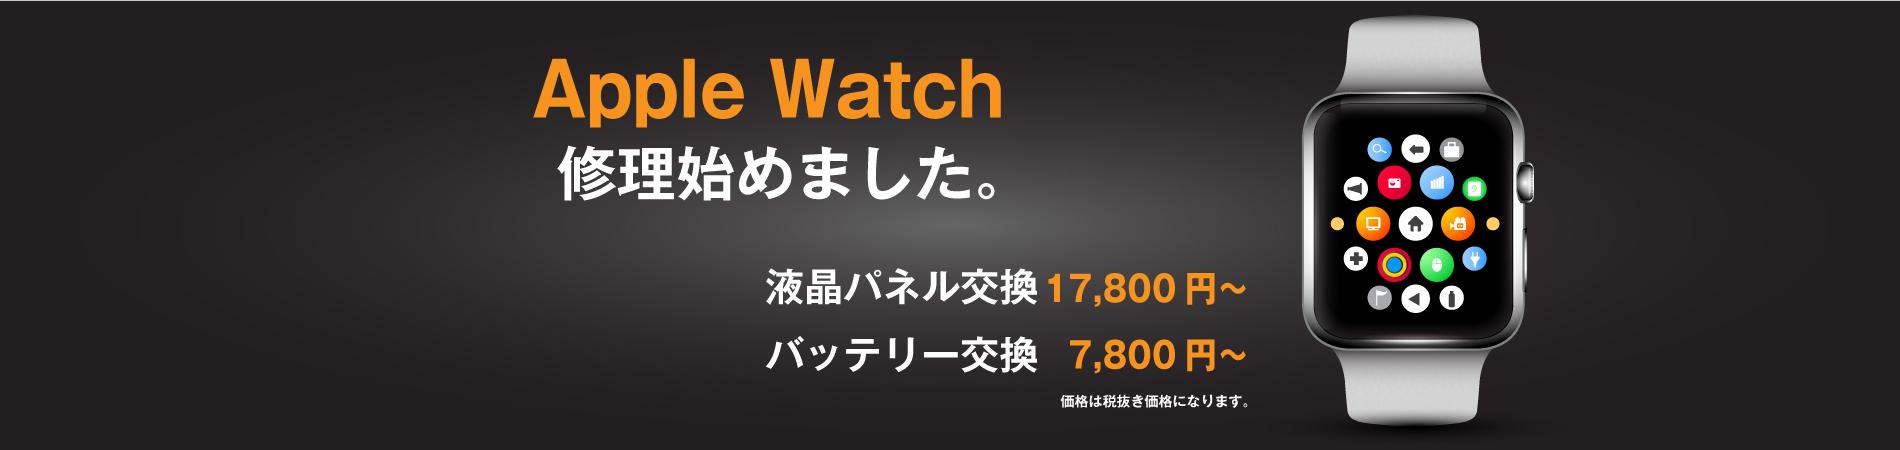 Apple Watch修理価格